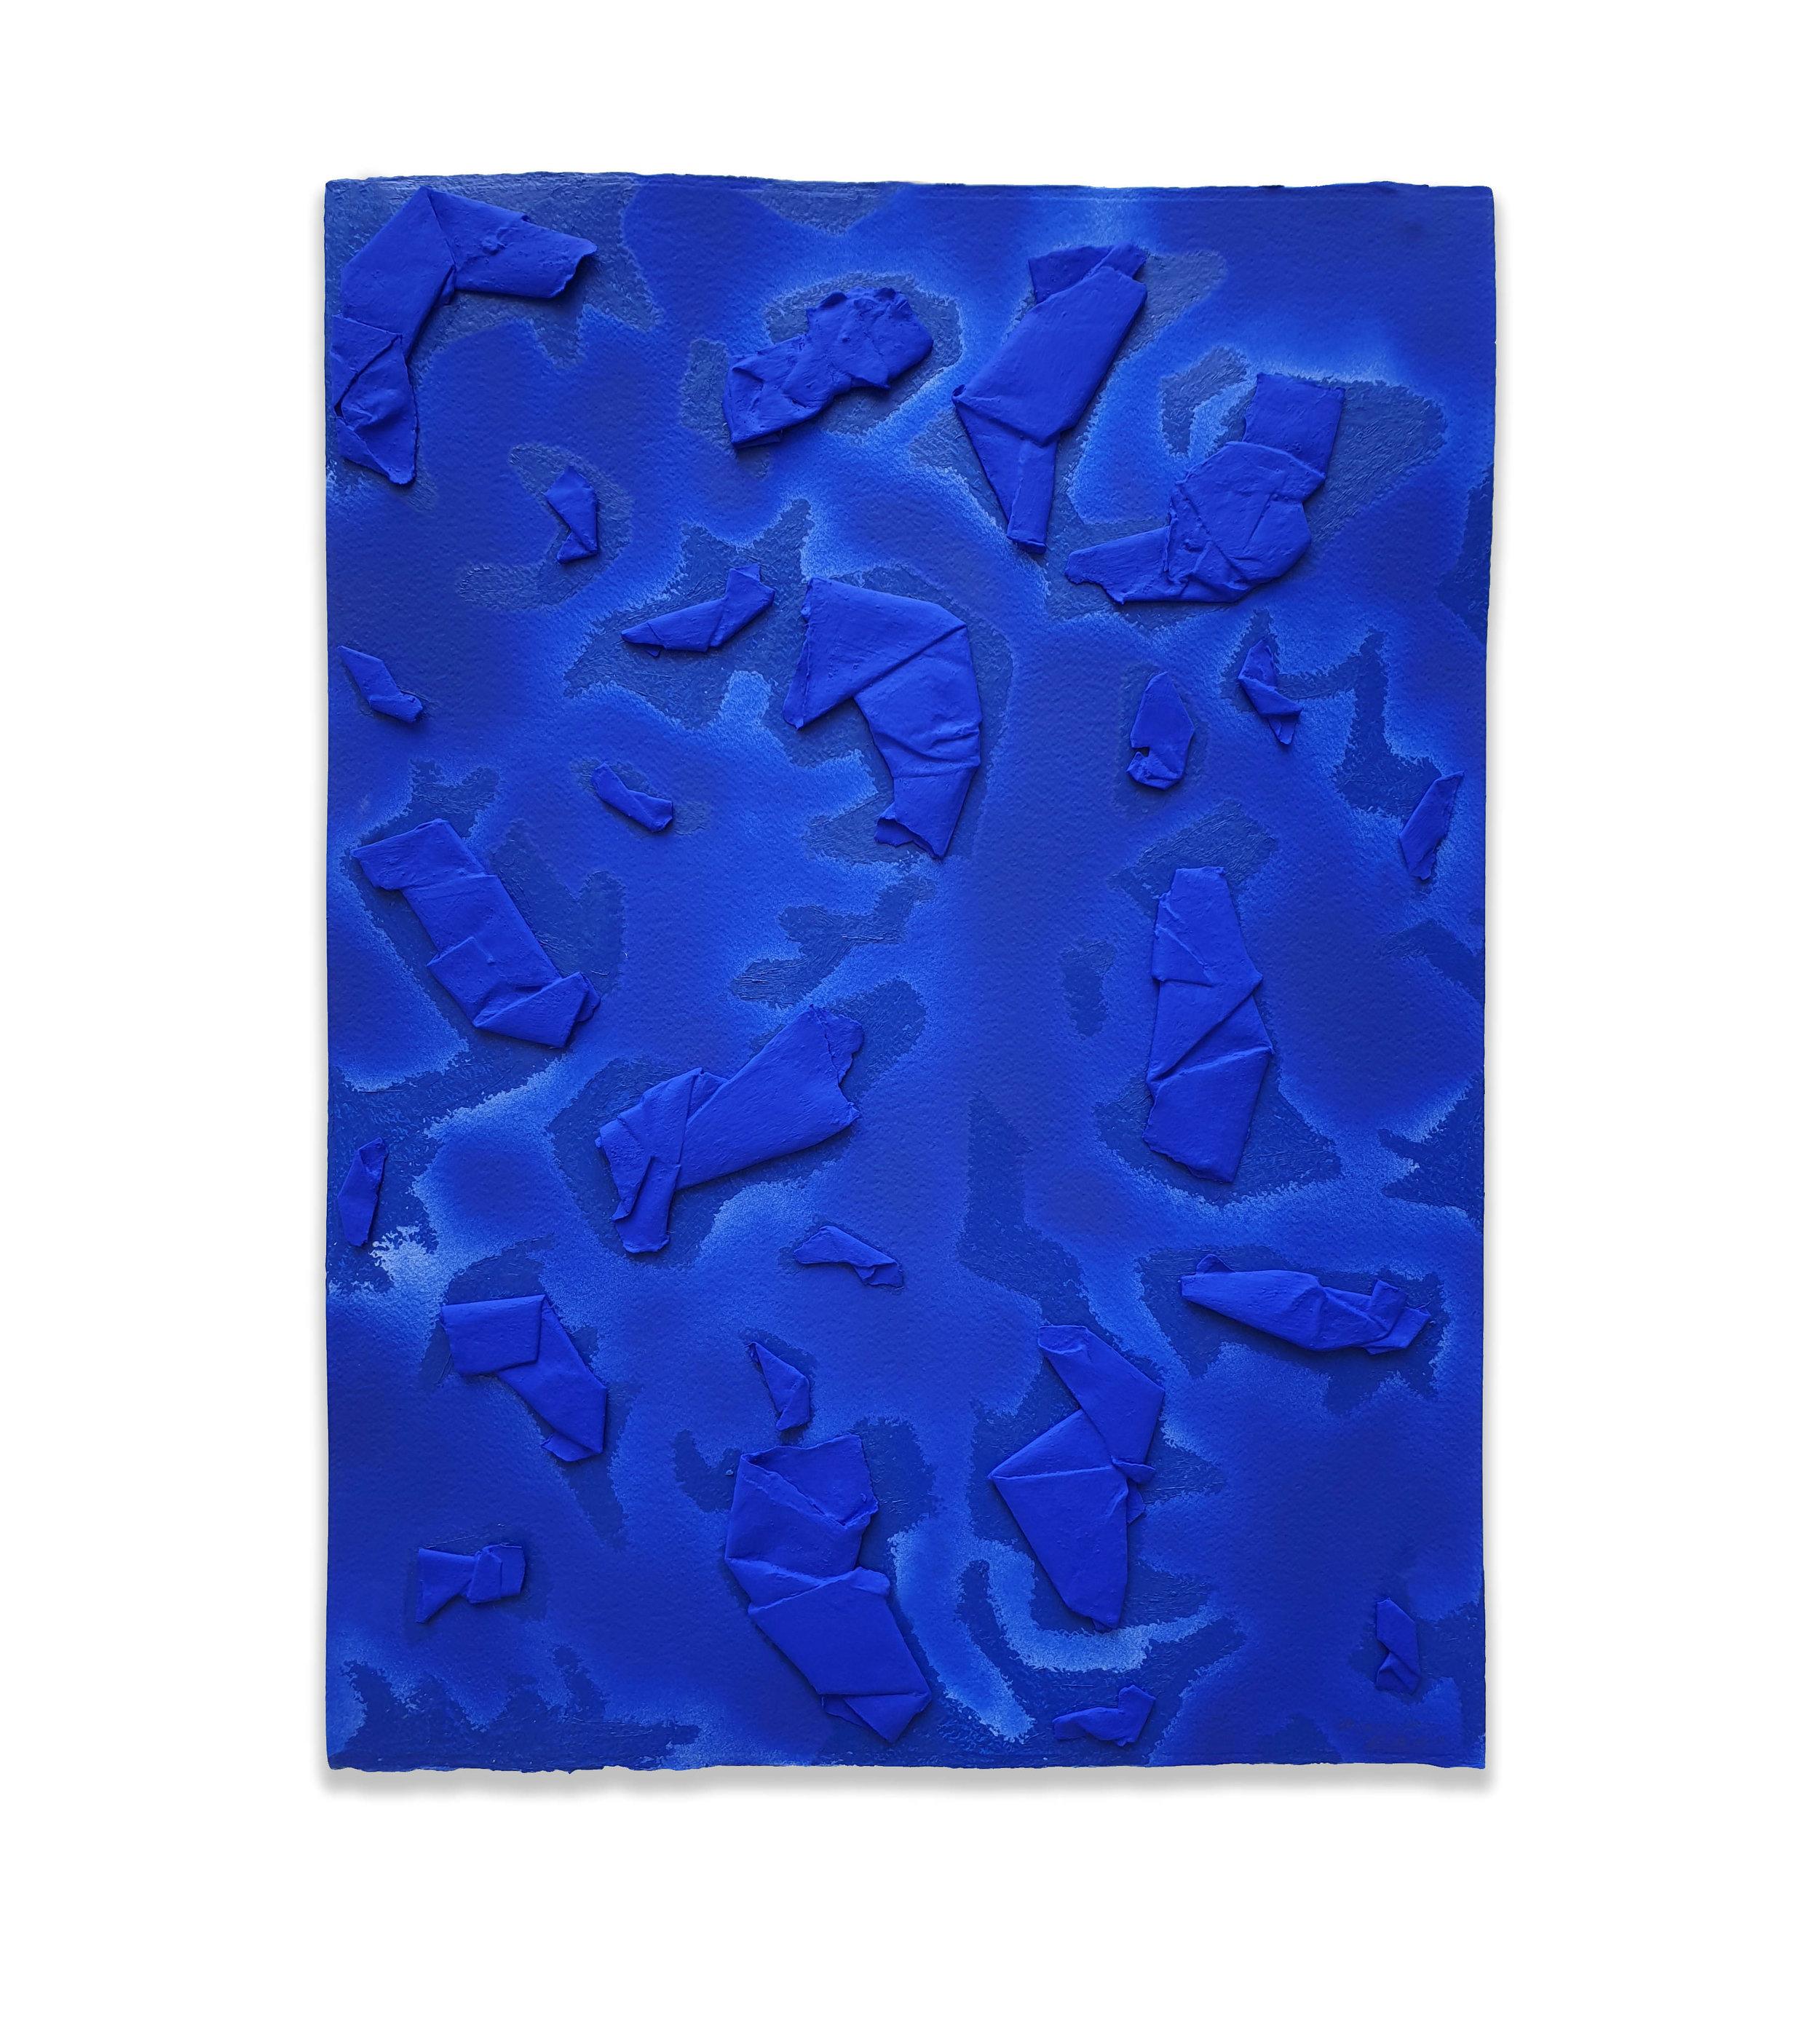 Ultramarine Dream  - 2019  Pigmento acrilico, bomboletta spray e oil stick su carta  76 x 56 cm